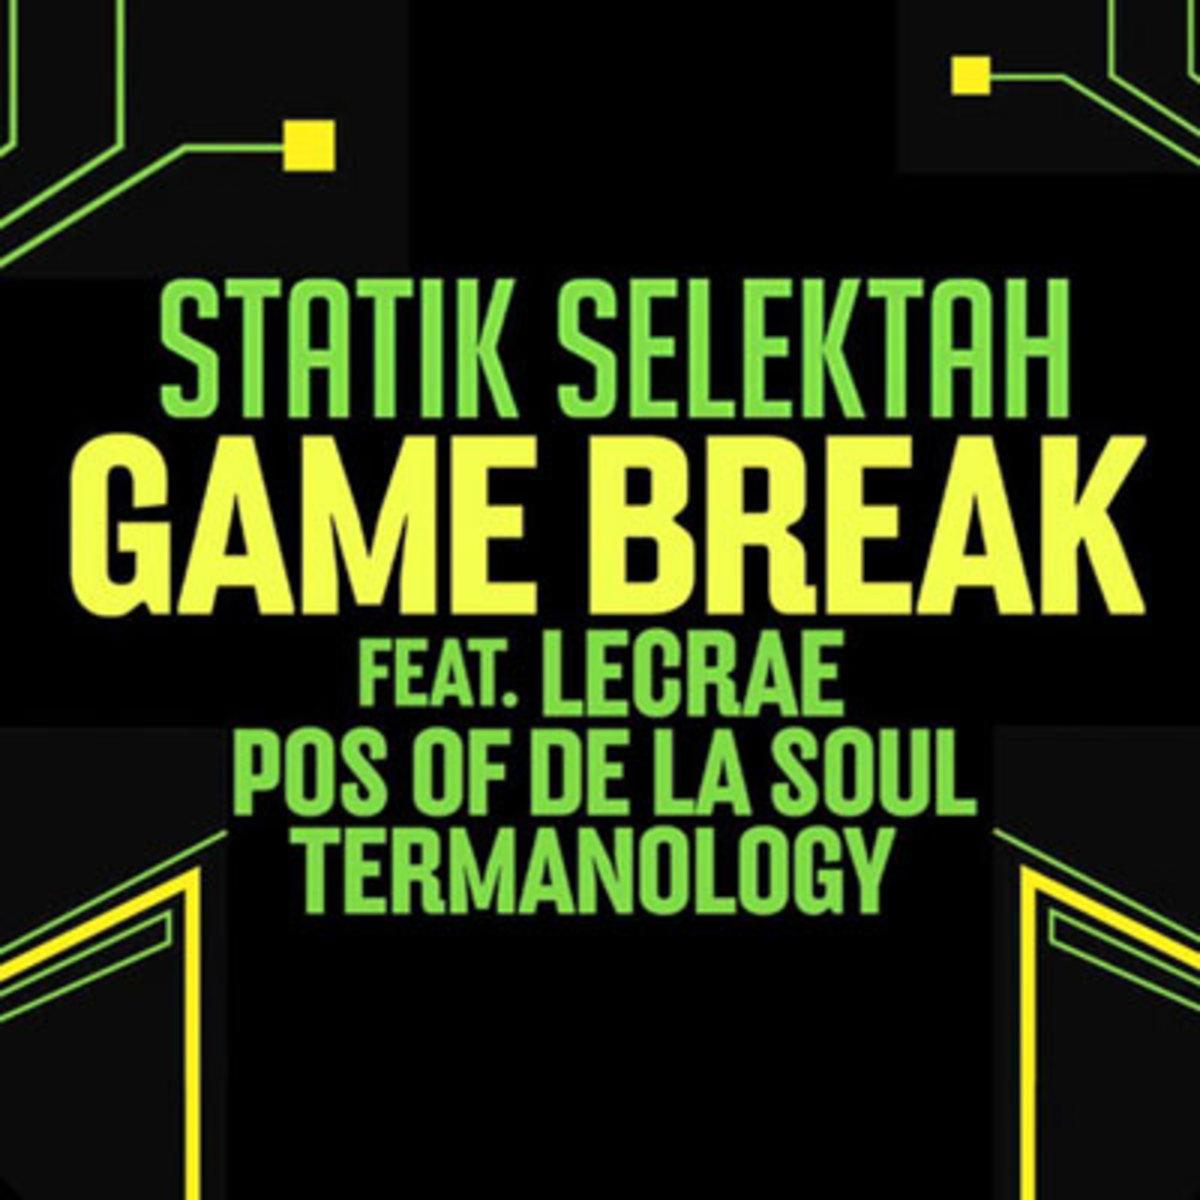 statikselektah-gamebreak.jpg